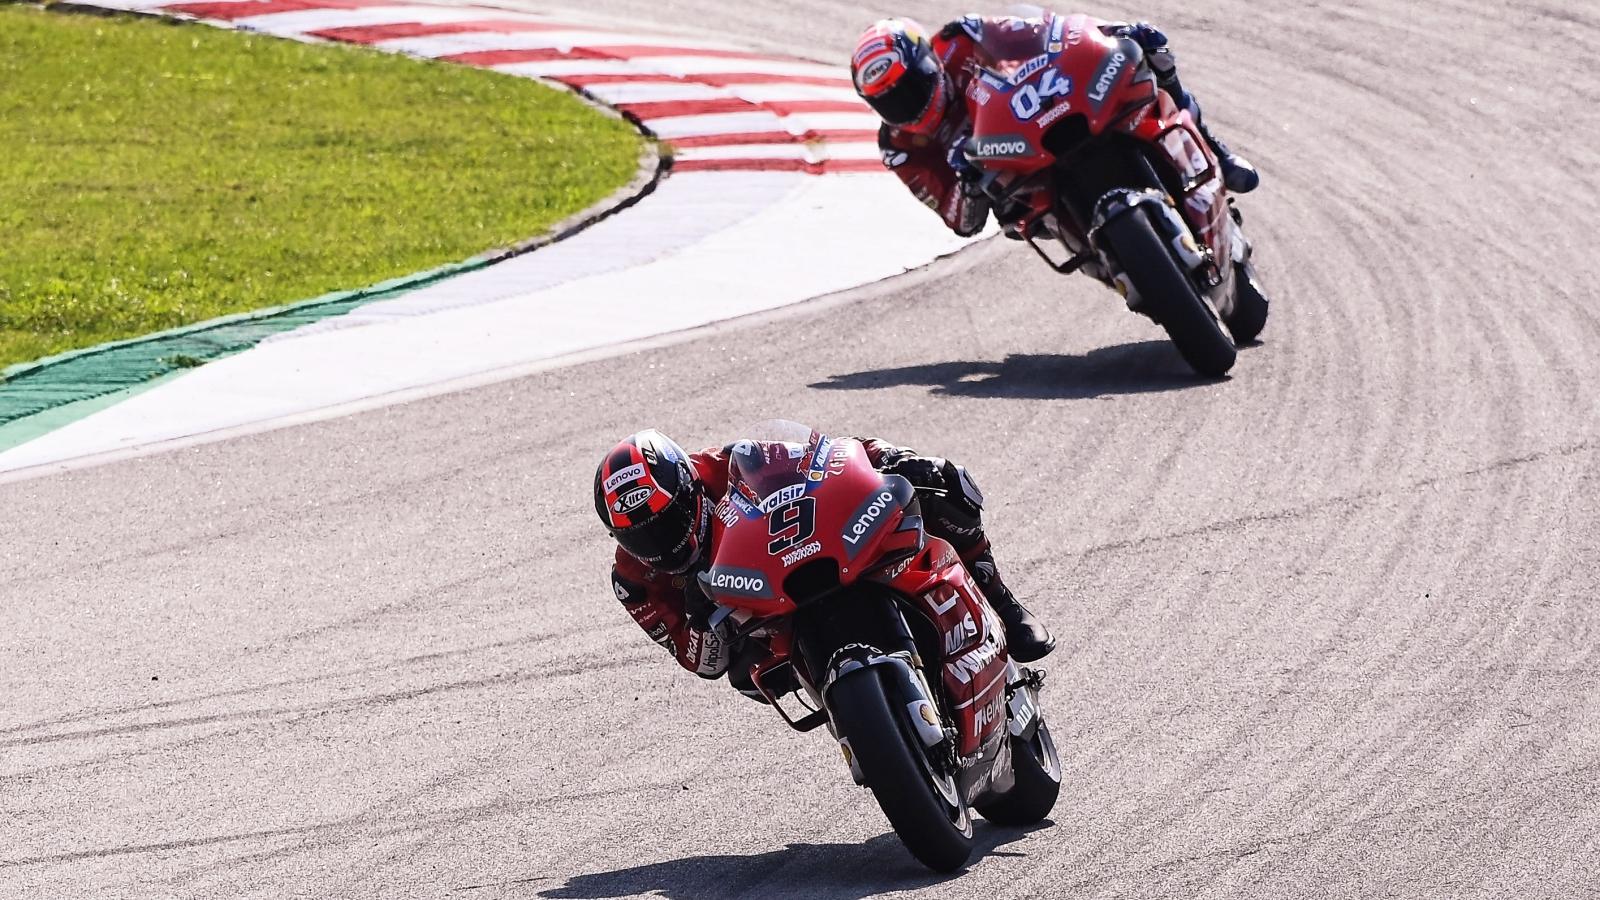 """Ducati saca pecho en MotoGP: """"Empezamos 2019 mejor de lo que terminamos 2018"""""""